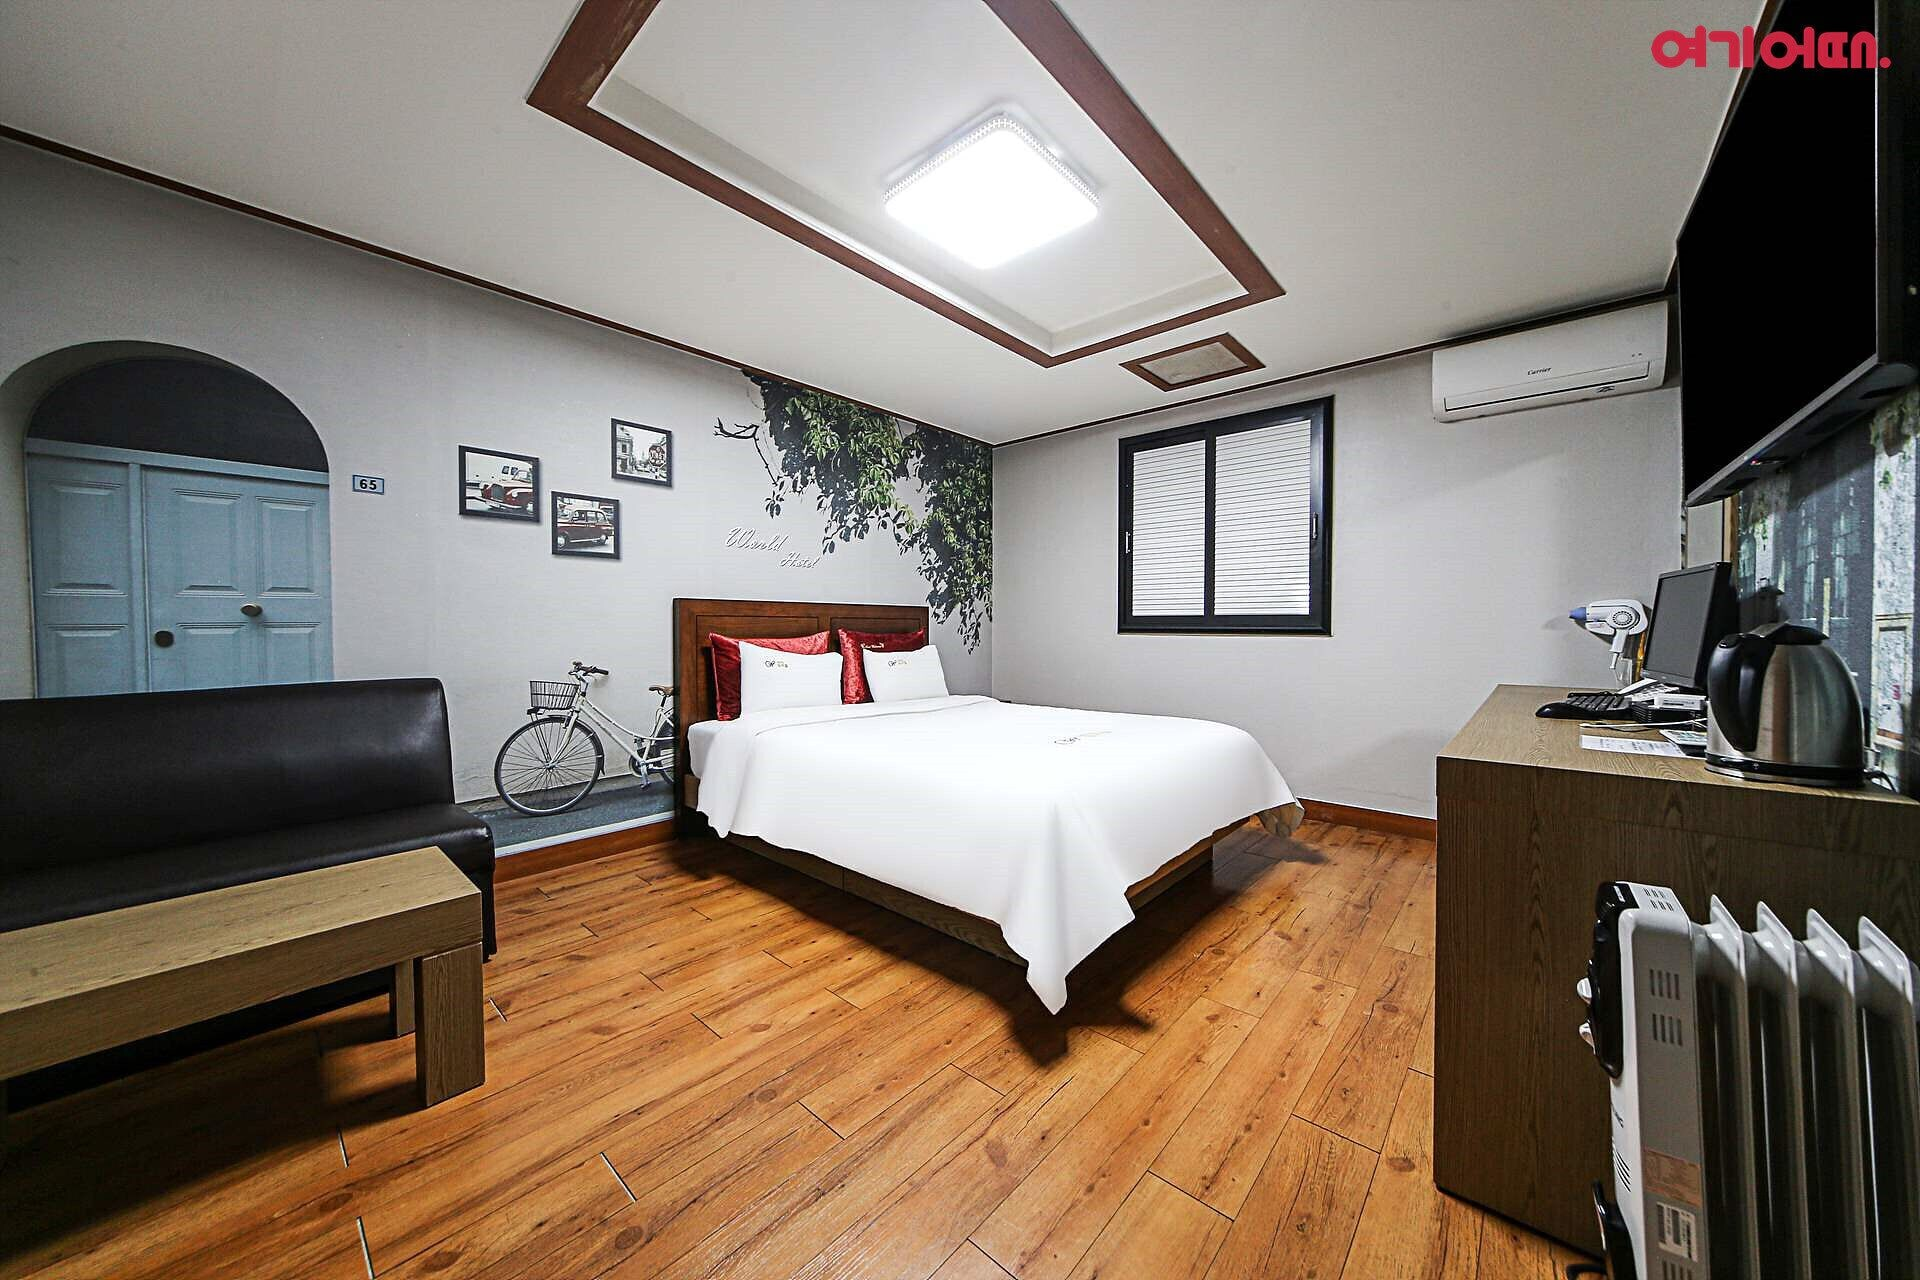 World Hotel, Chuncheon